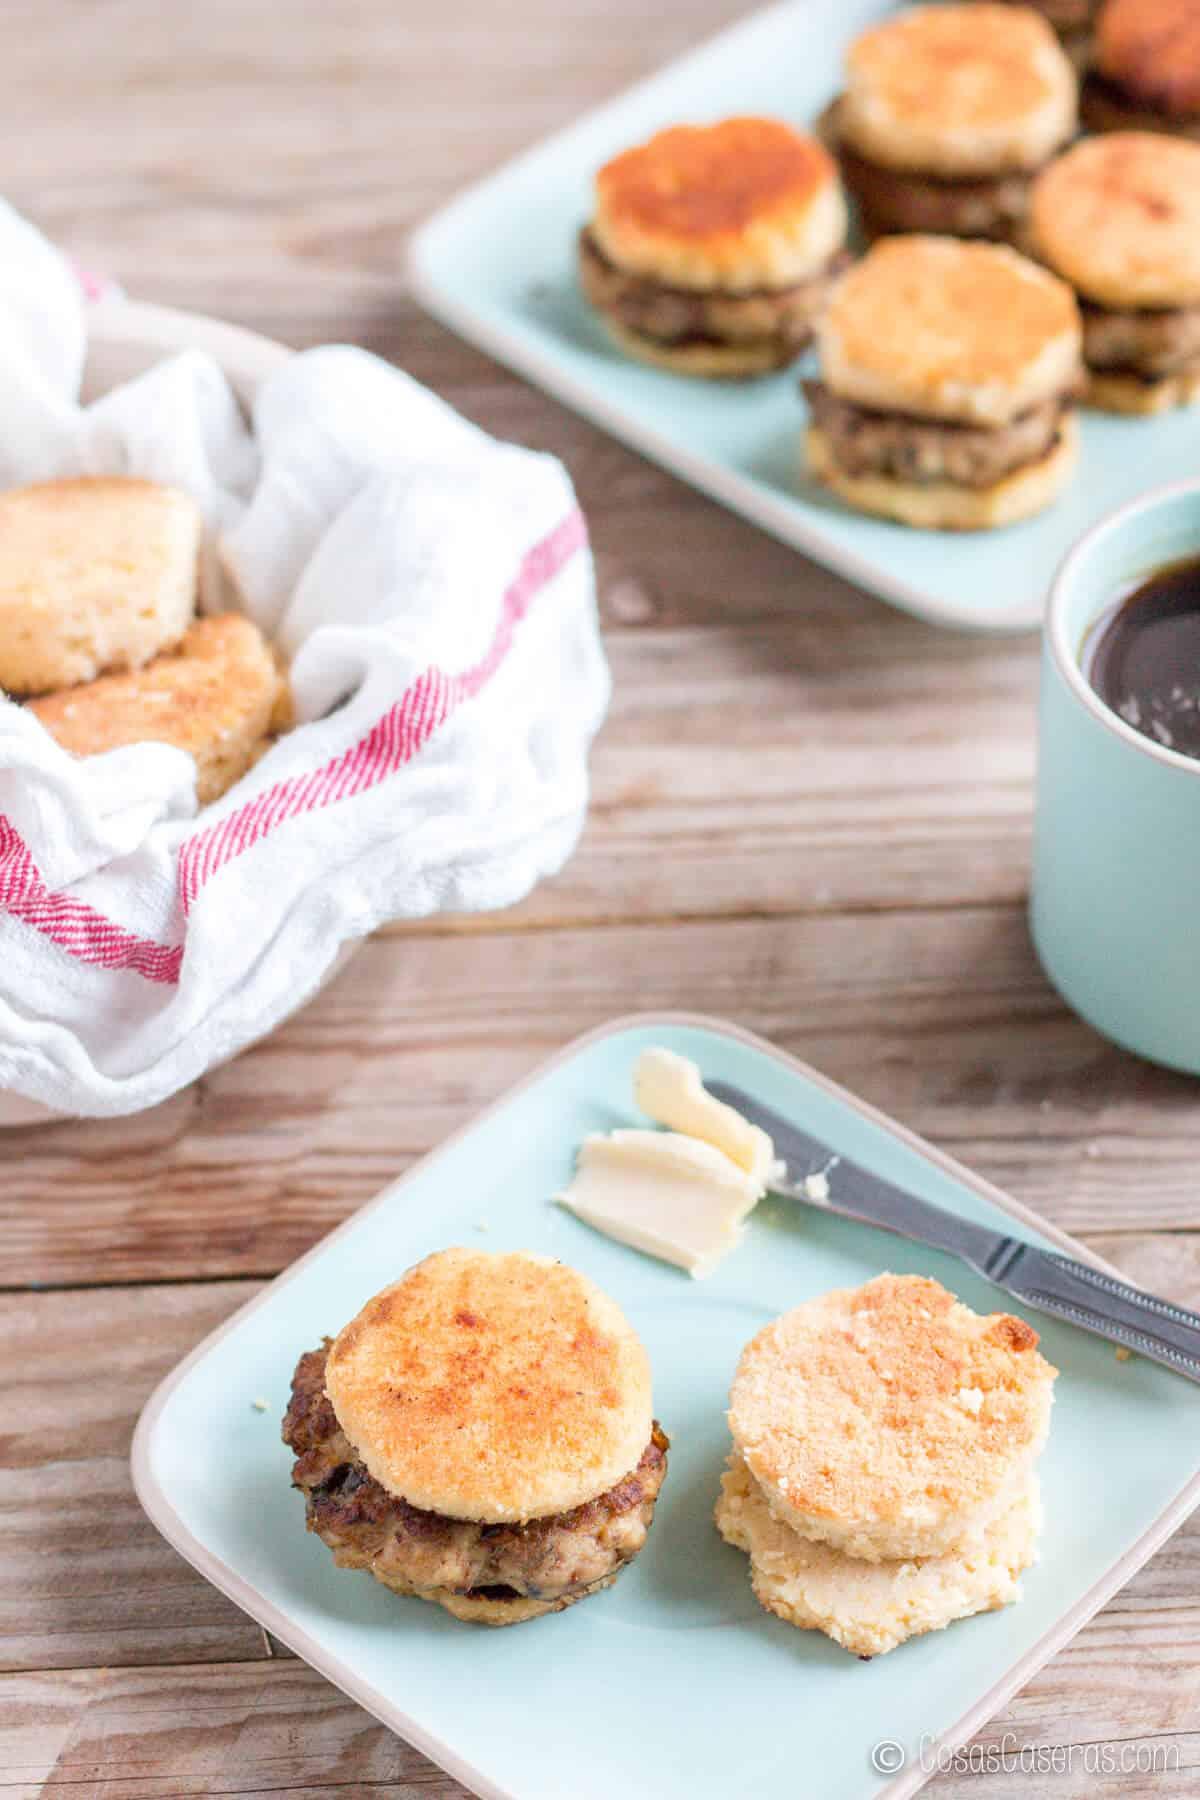 Una salchicha casera dentro de un panecillos de buttermilk al lado de otro panecillo en un plato con un poco de mantequilla. En el fondo hay más salchichas en panecillos.